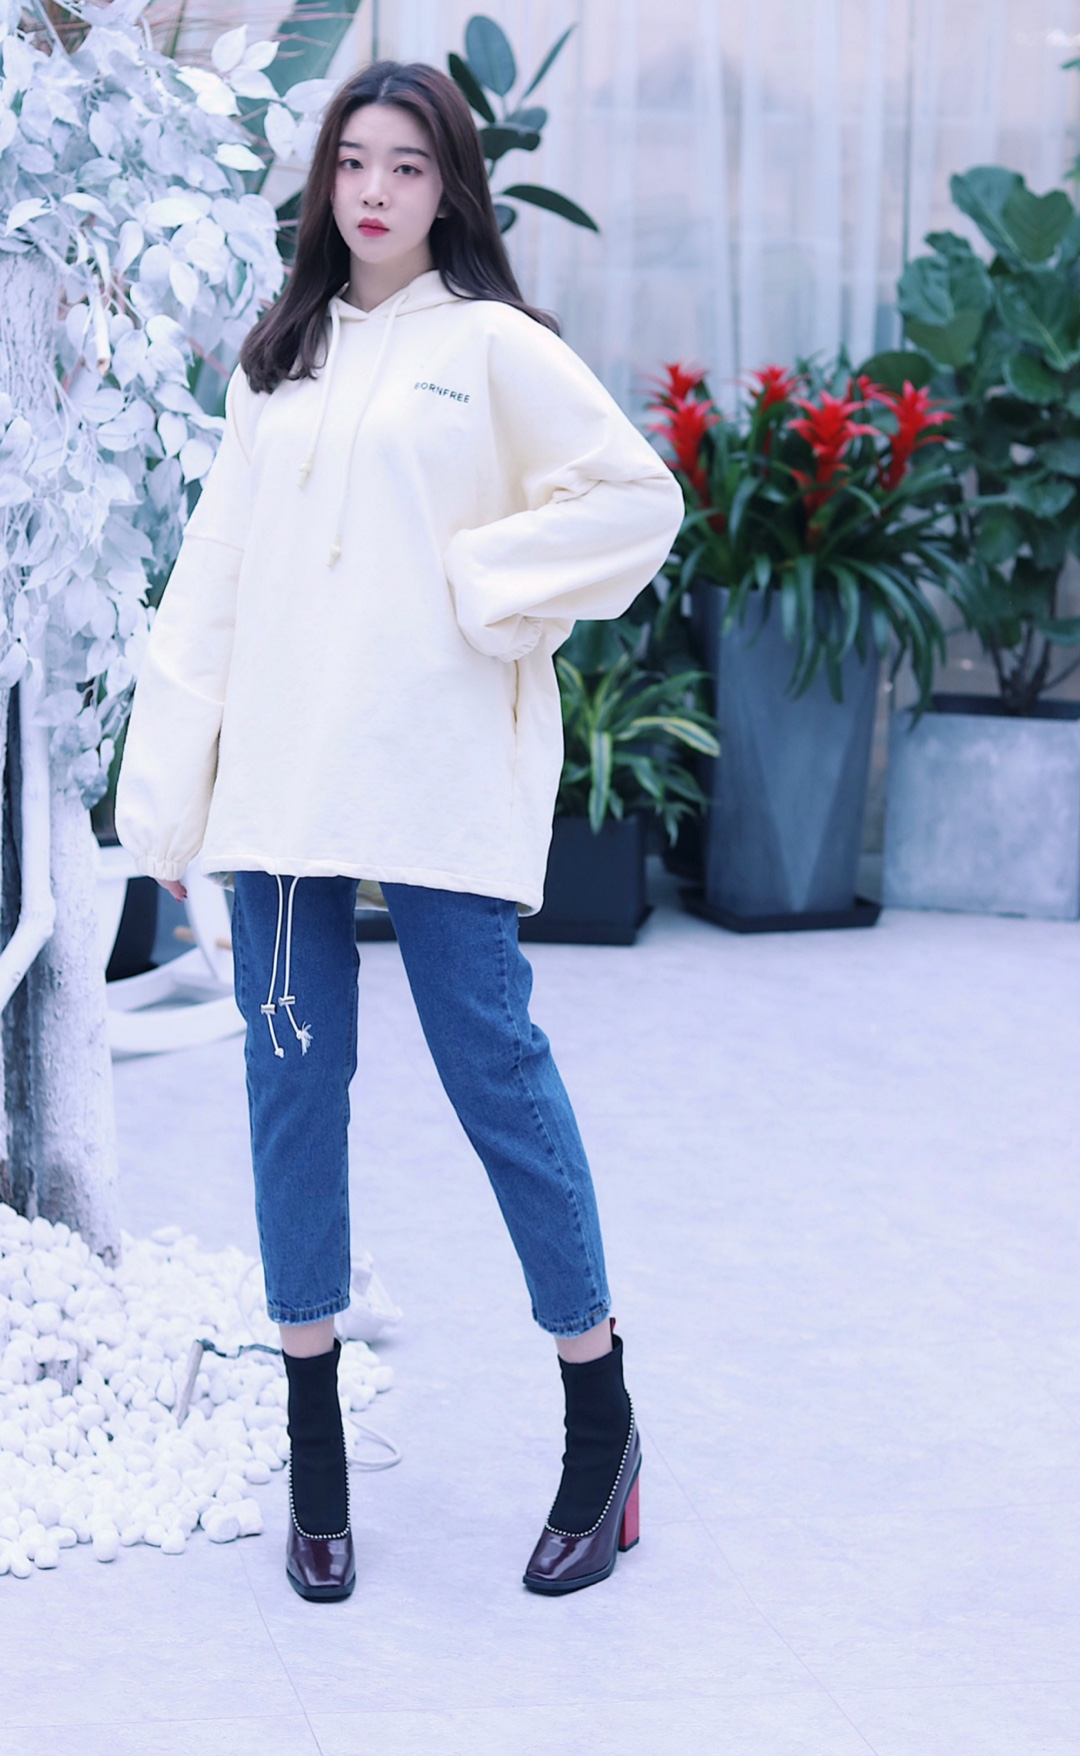 #这些3月必火套装你还没入手?# 超级奶的卫衣!!穿上就是布满白白奶油的牛奶糖女孩,超级舒服的材质和宽松版型,简直就是我爱的卫衣排名前五!